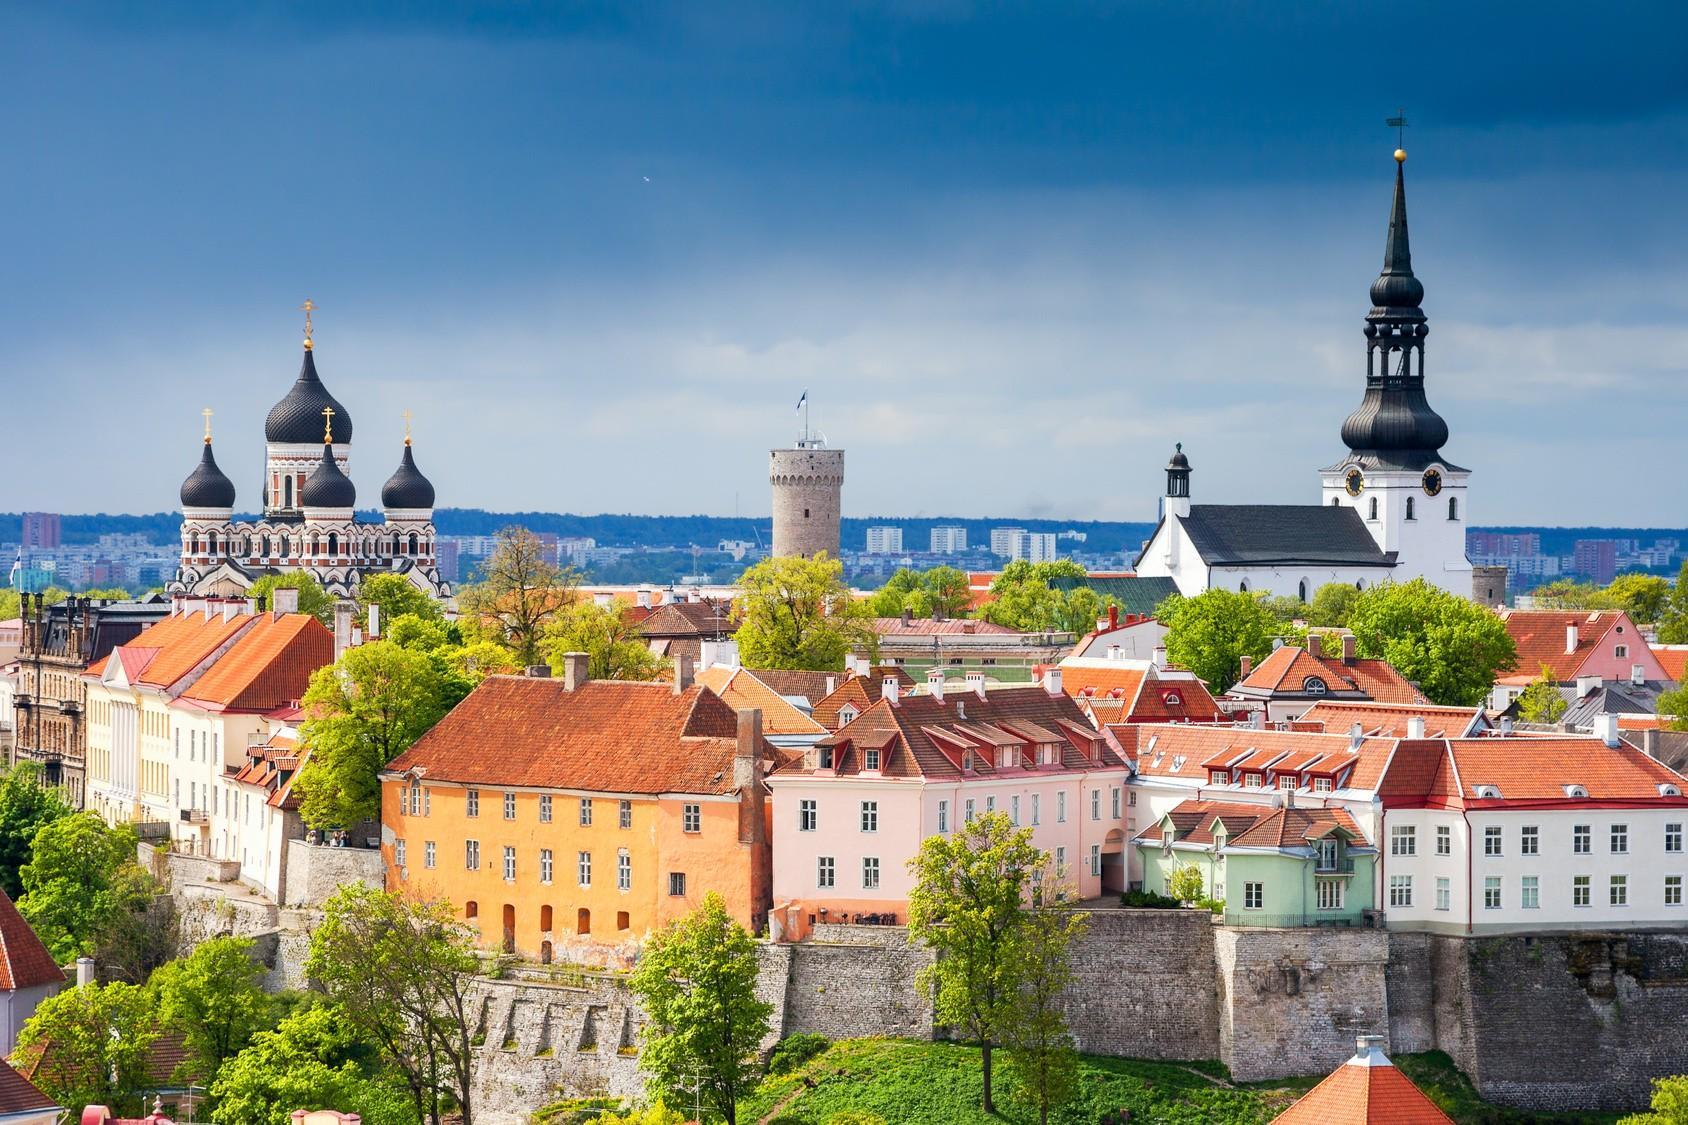 Agence de rencontre Baltique rencontre quelqu'un 6 ans plus âgé